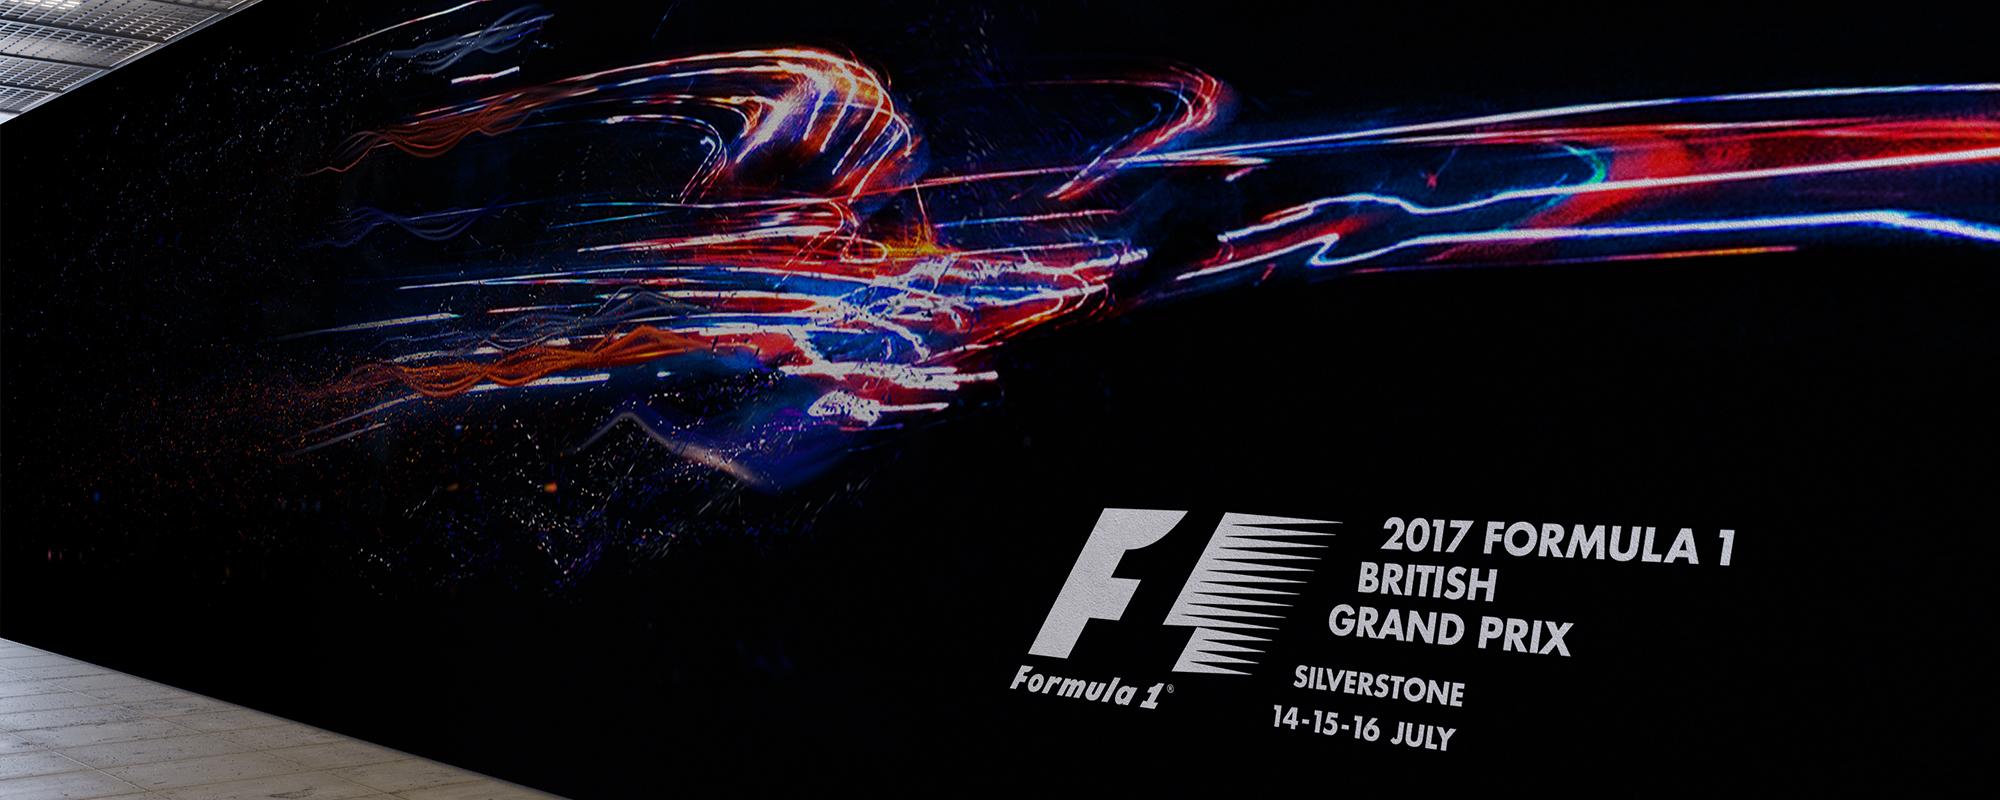 Silverstone_F1_2017_CaseStudies_BANNER_3.jpg